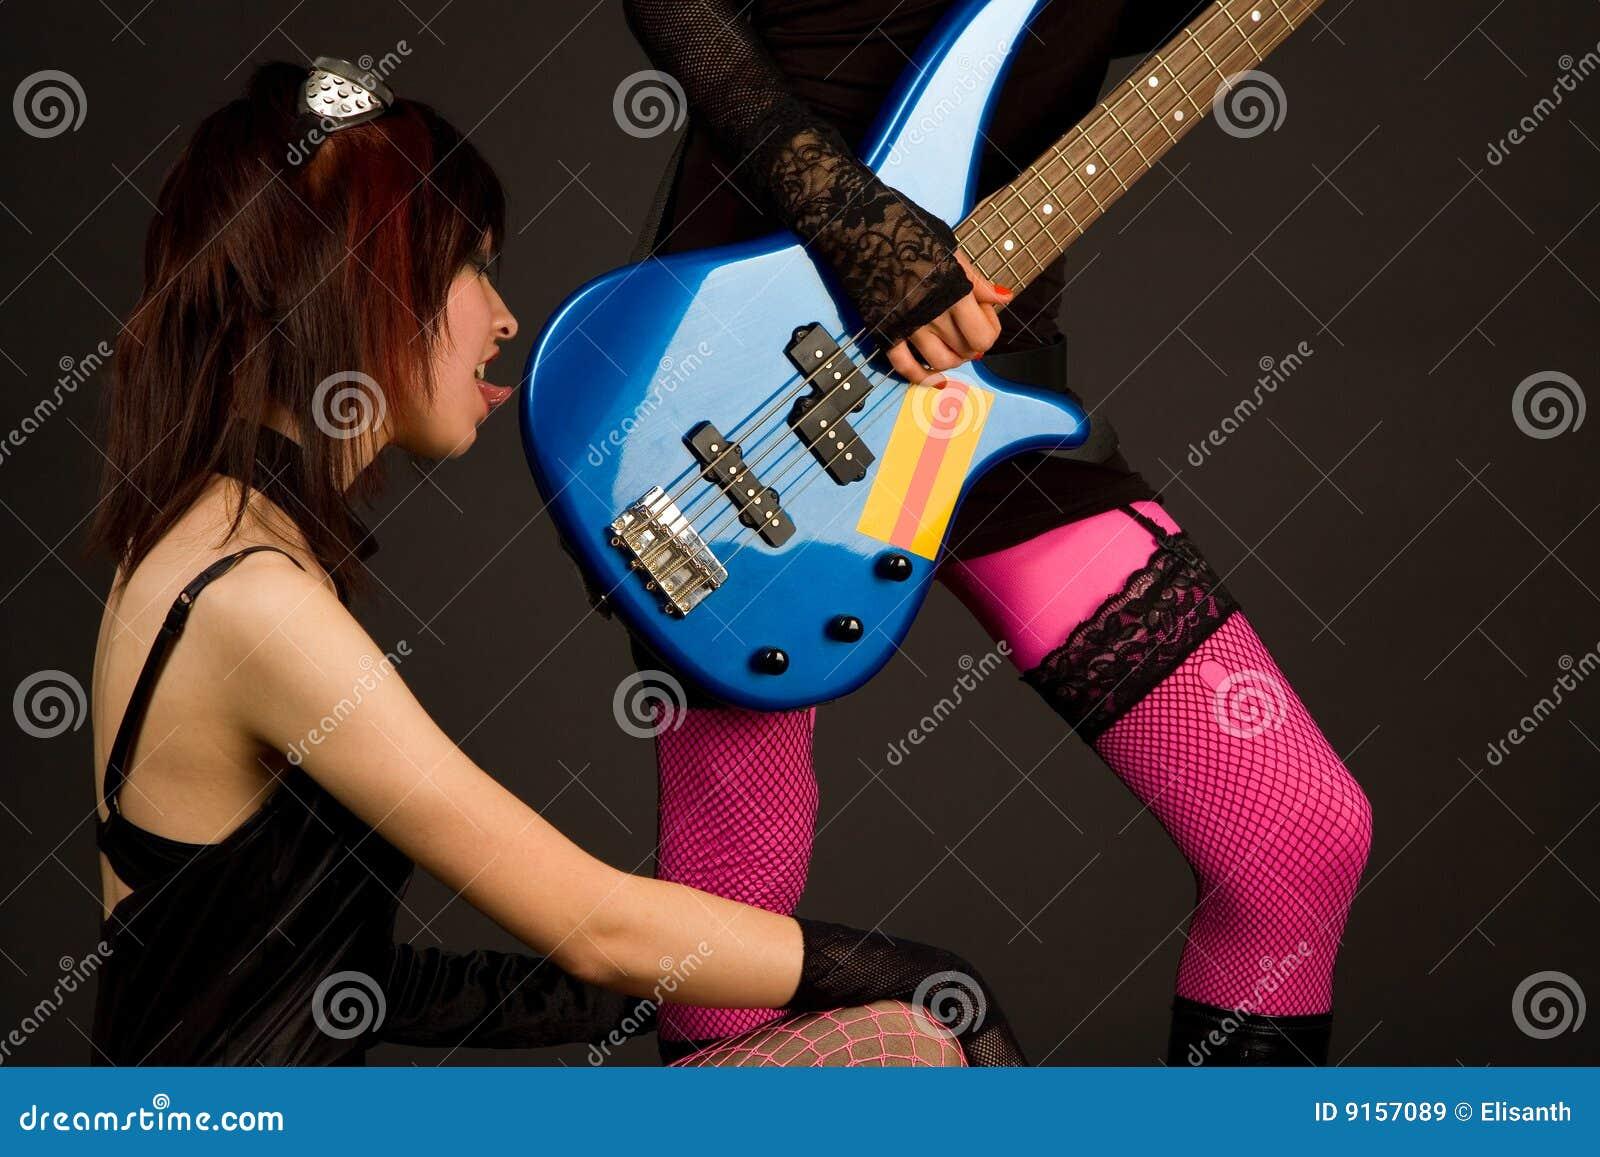 Guitarist lick read